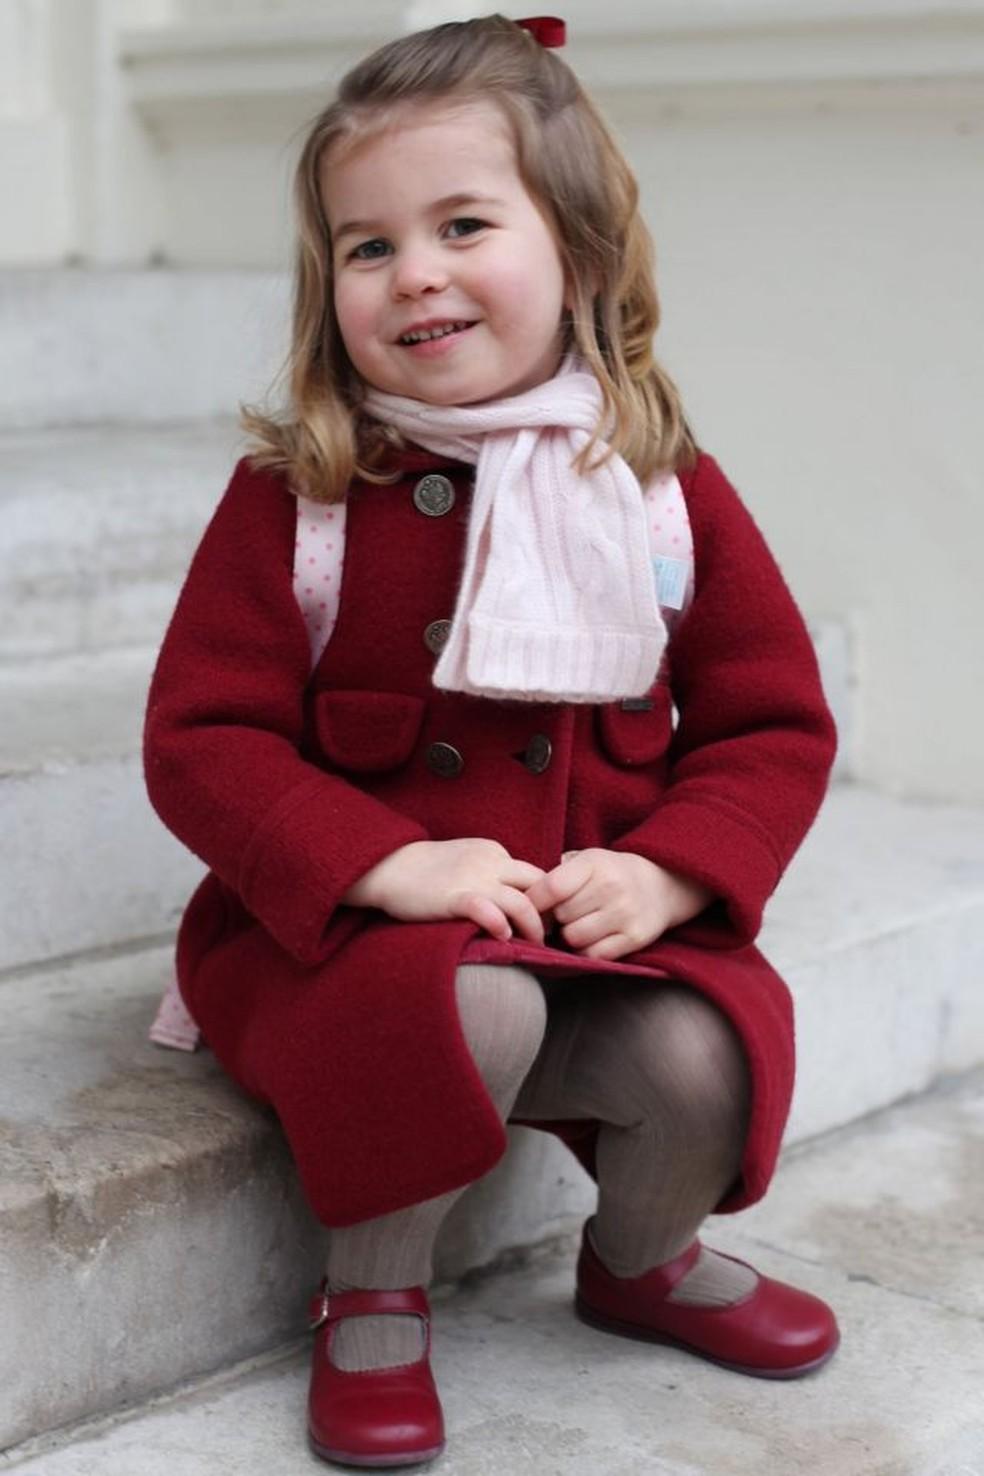 Duquesa de Cambridge — Foto: Charlotte, retratada em seu primeiro dia no berçário, em 2018, frequentou Willcocks, assim como Louis